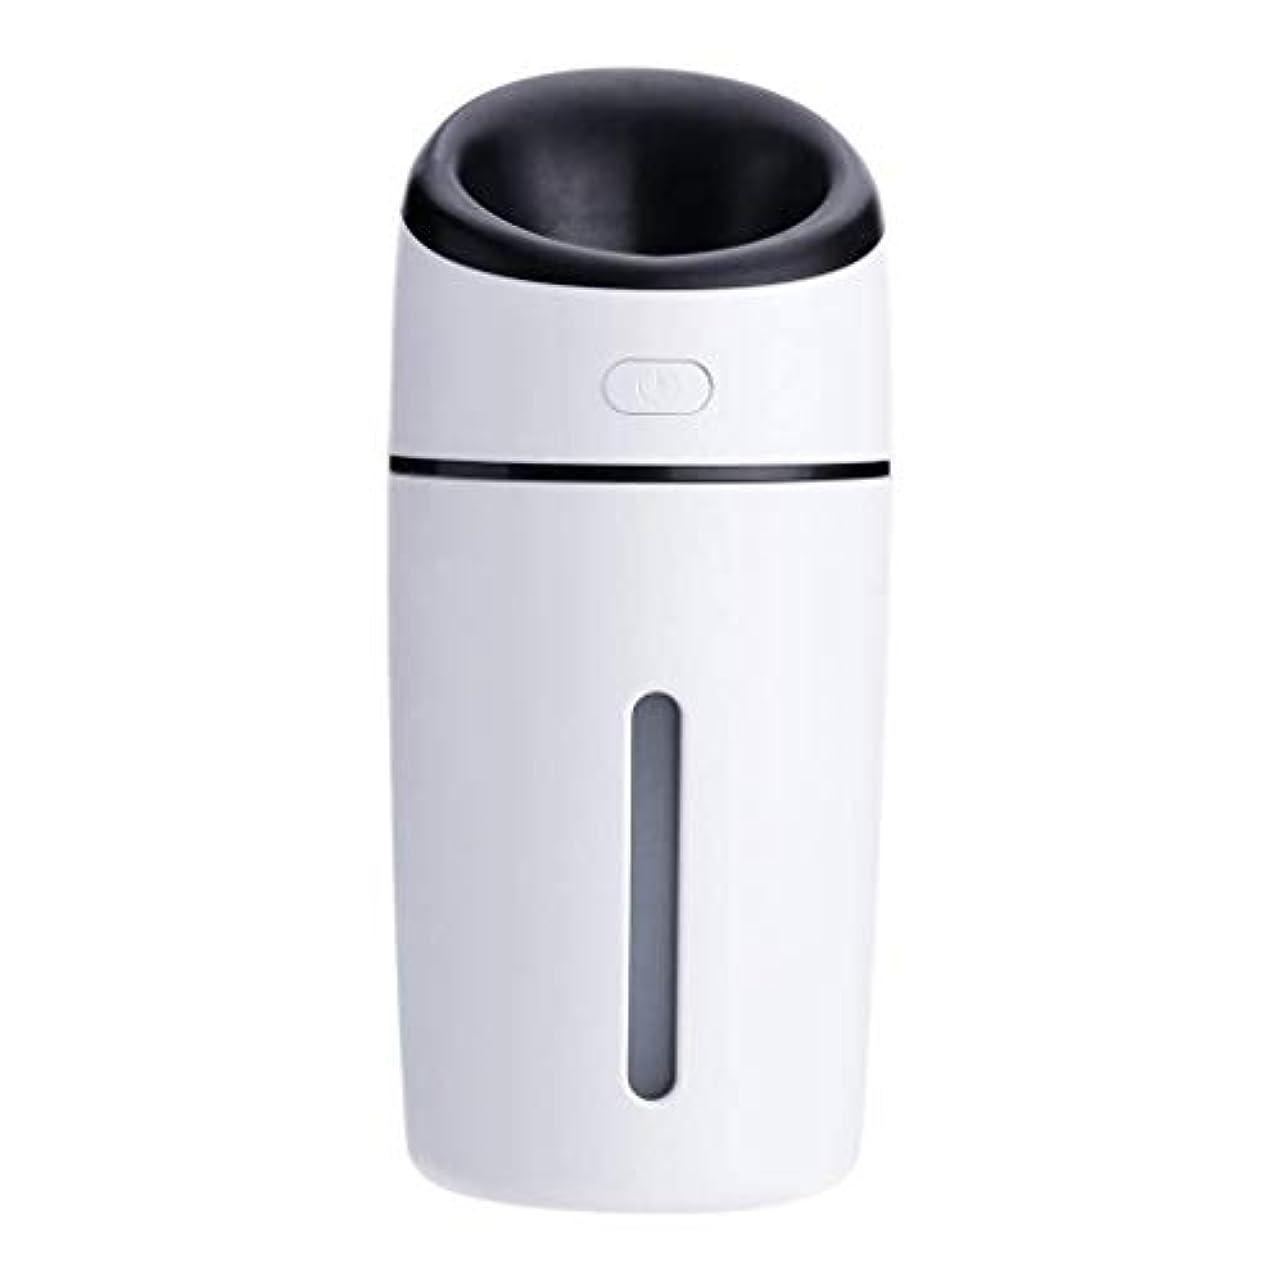 ヨーグルトひそかに勢い加湿器、超音波洗浄空気清浄機、7色LEDライト、無水自動アロマテラピーマシン、ホームオフィスの寝室の車 (Color : 黒)